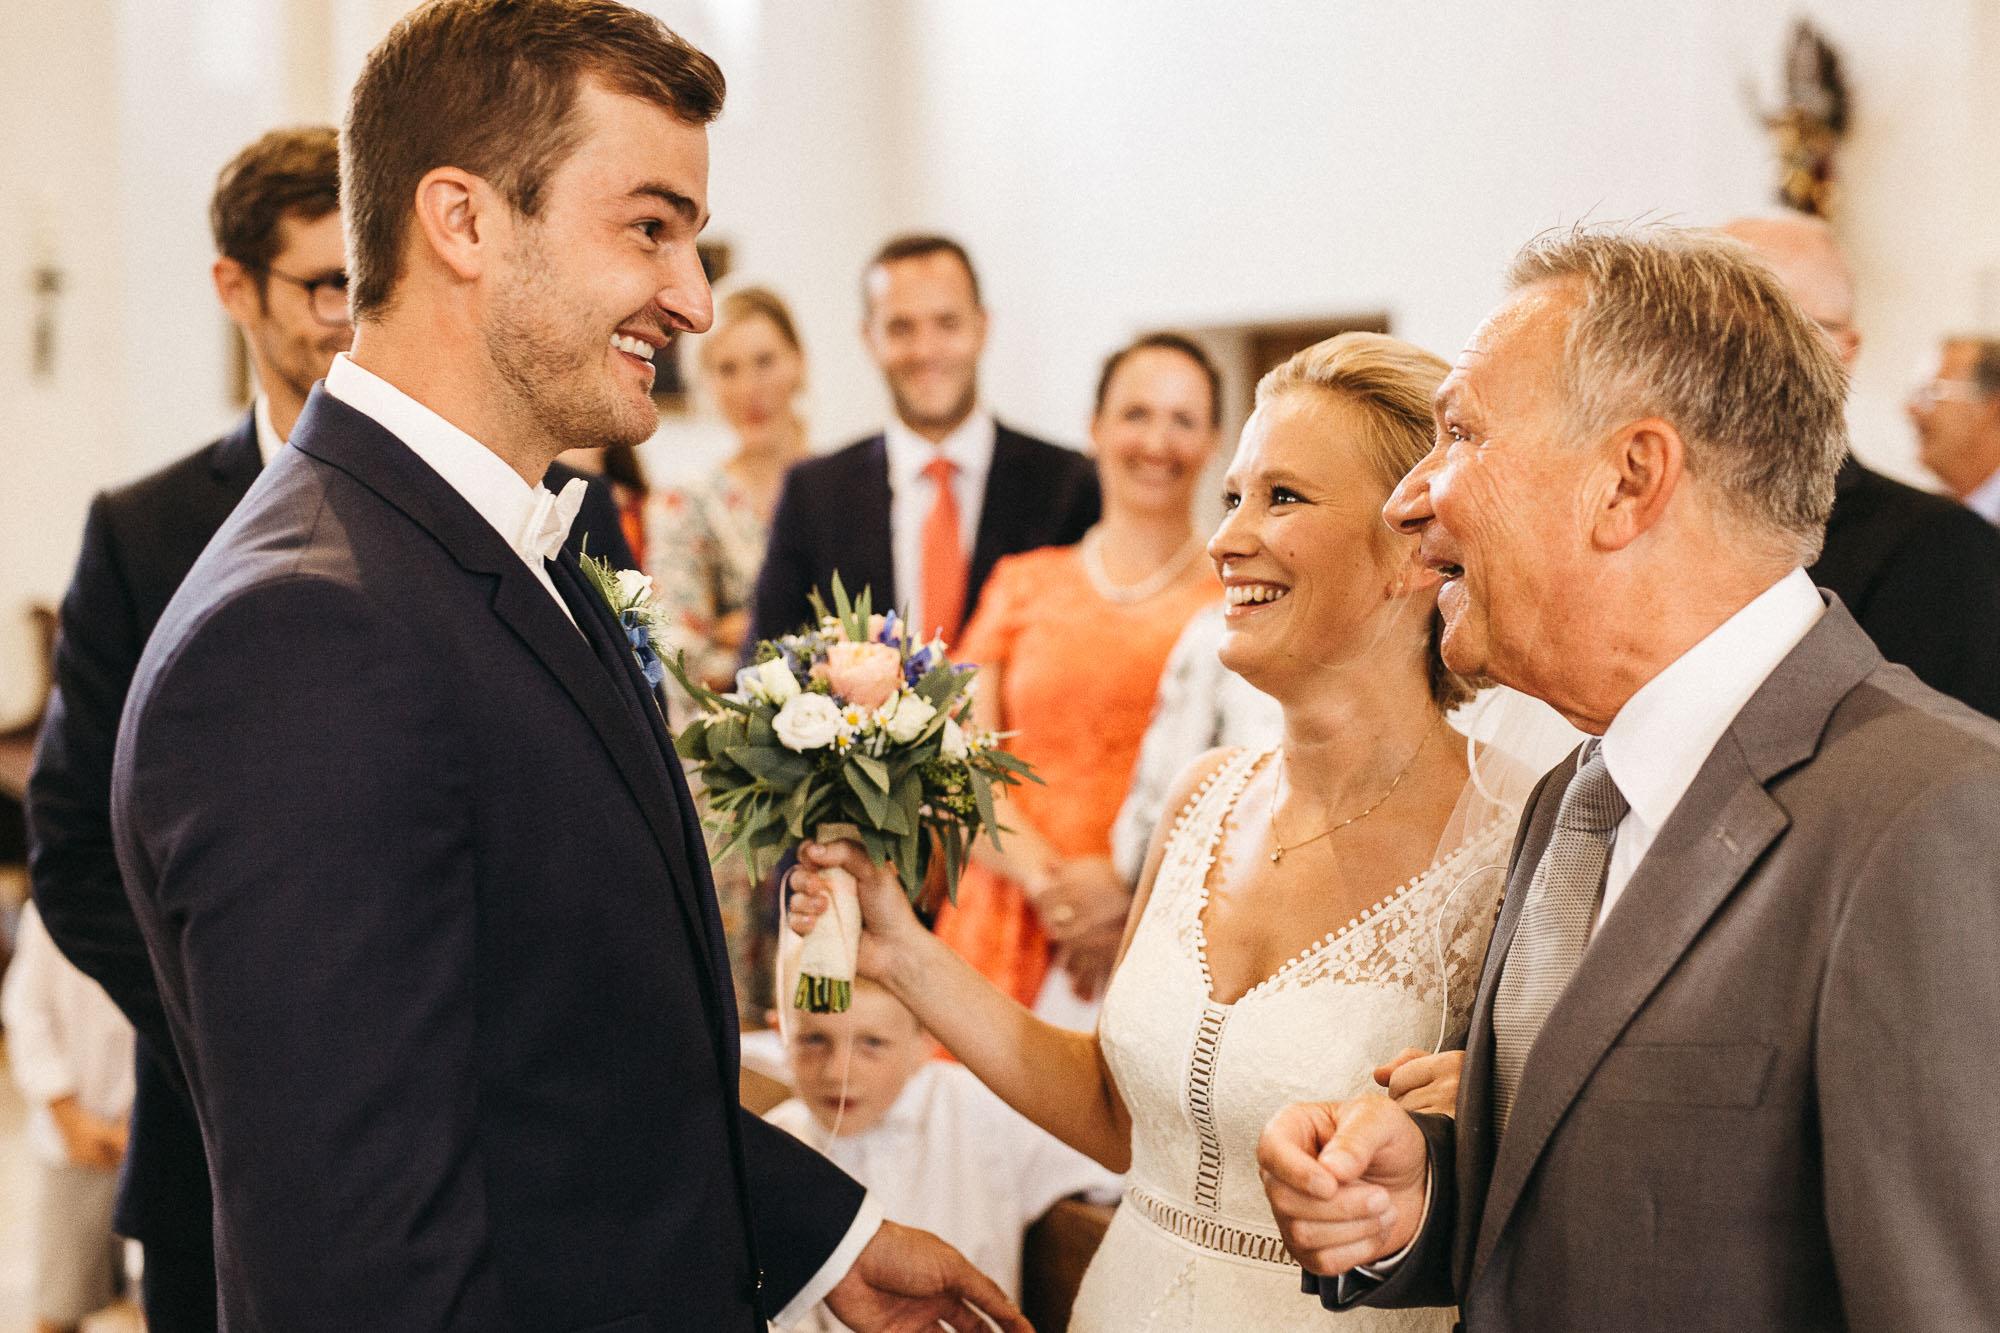 raissa simon photography wedding mosel kloster machern love authentic 124 - Kathrin + Dominik